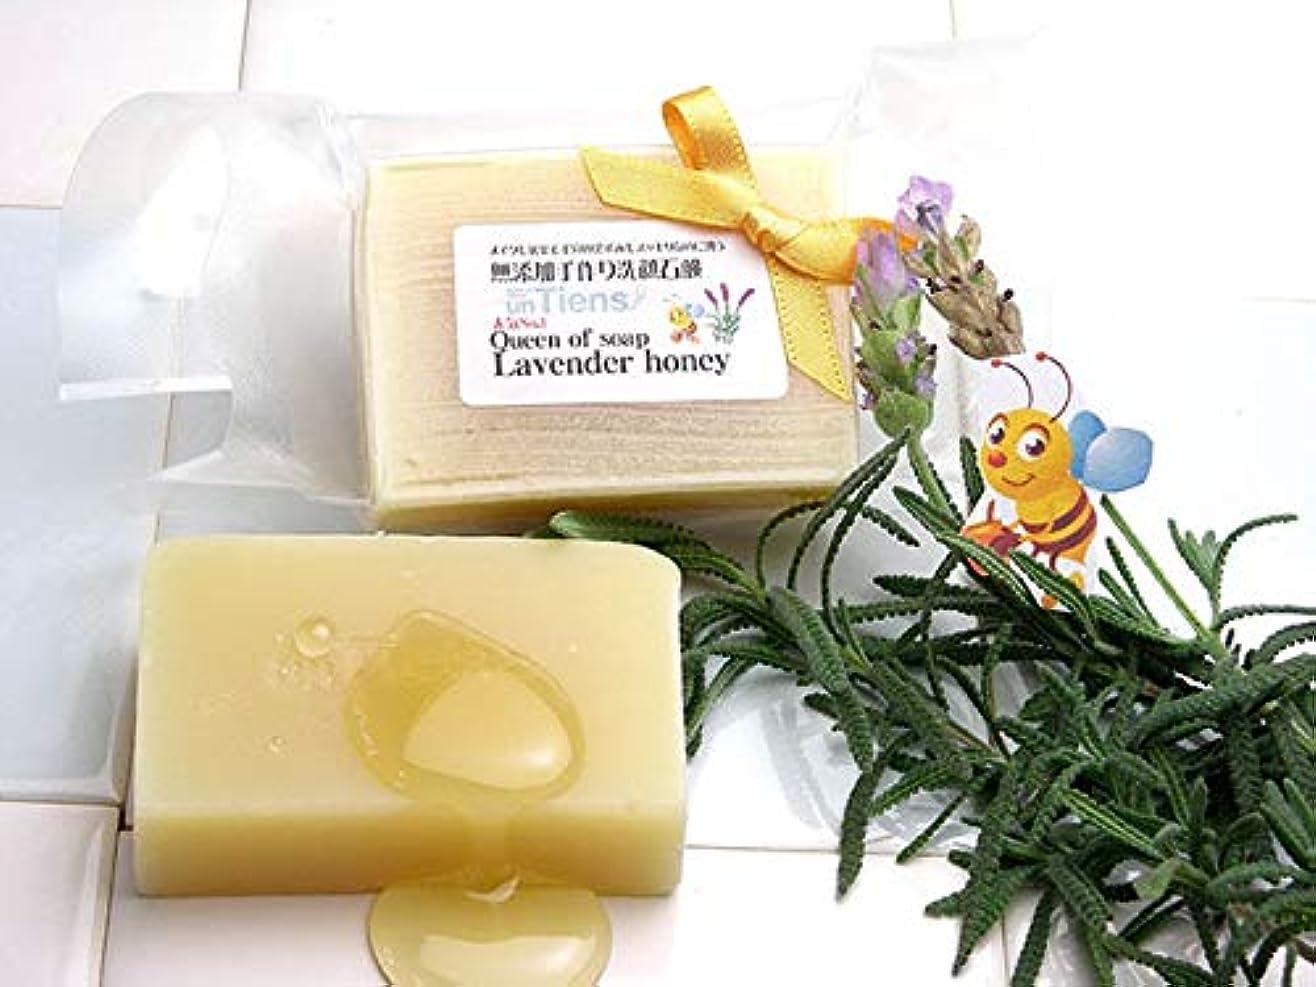 呼び出す発表仕出します手作り洗顔石鹸アンティアン クイーンオブソープ 人気No,1、潤いの洗顔、毛穴もスッキリ明るい肌色「ラベンダーハニー」 40g